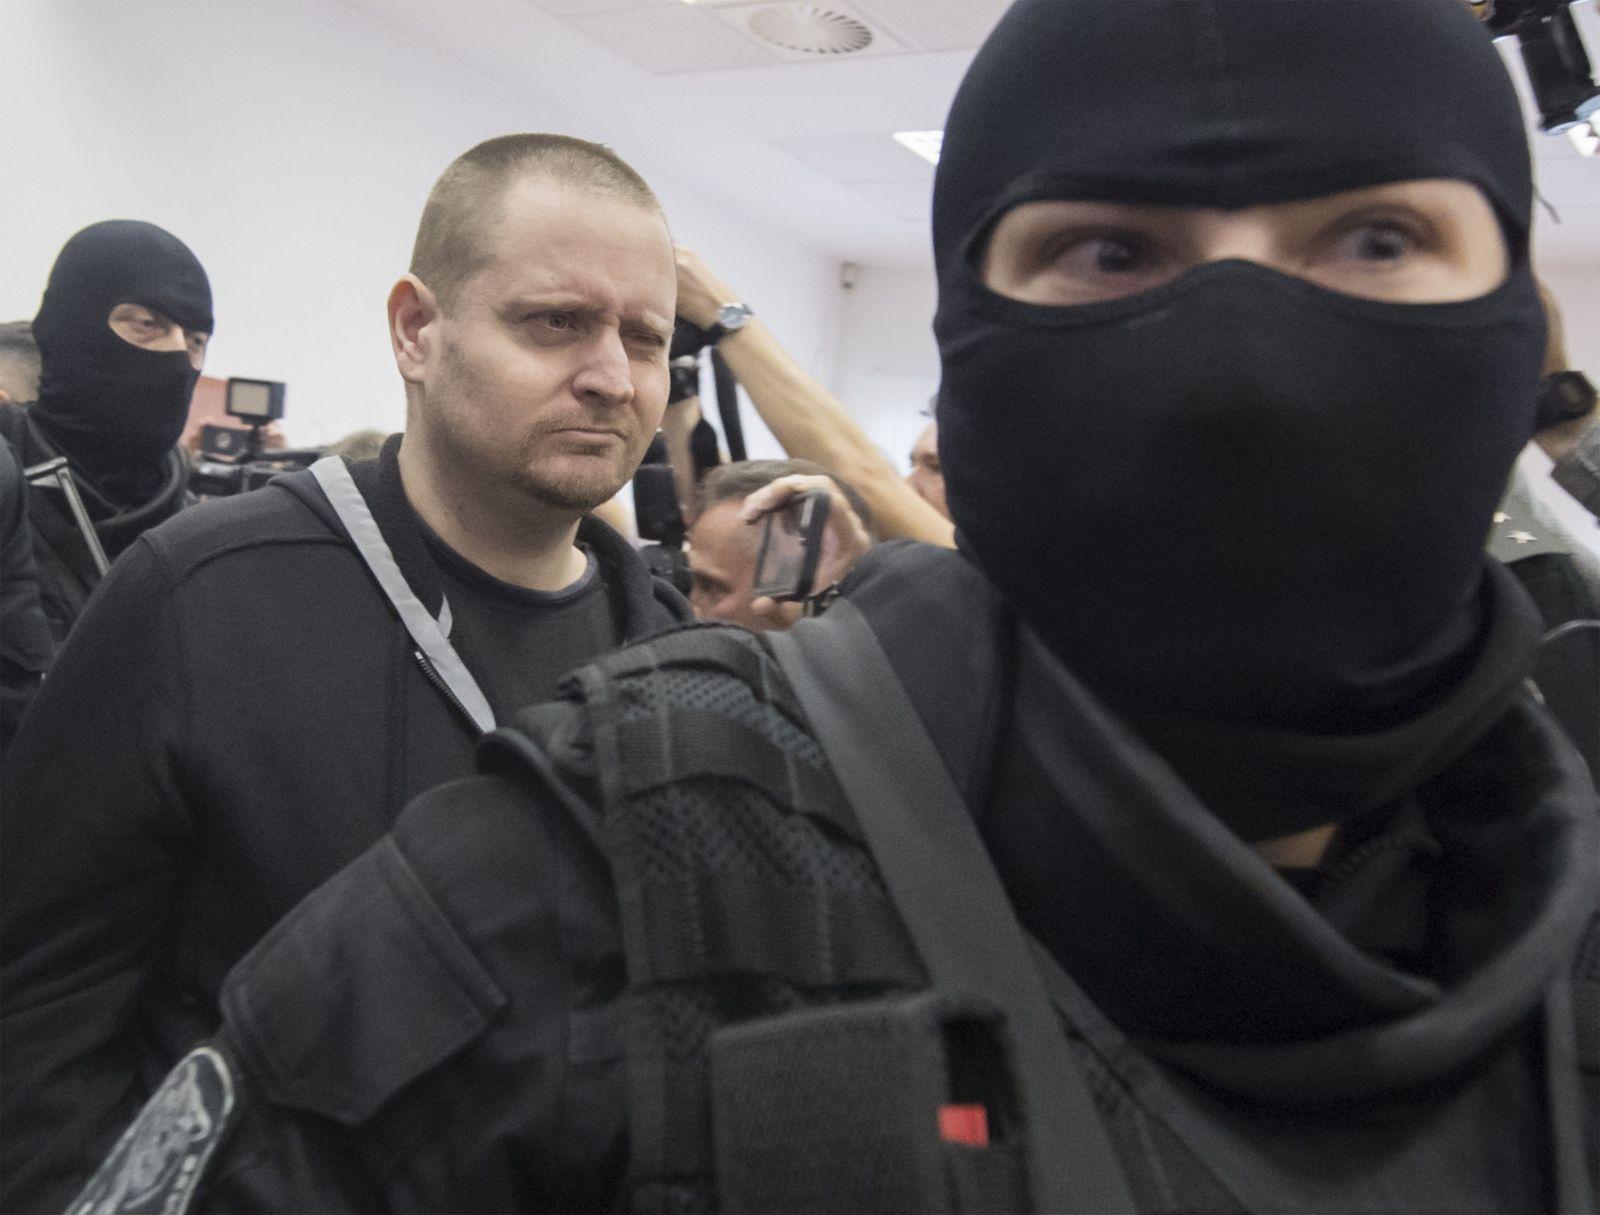 Prvé fotografie Mariana Kočnera, Aleny Zsuzsovej, Tomáša Szabóa a Miroslava Marčeka zo súdu. Toto sú obvinení za vraždu Kuciaka